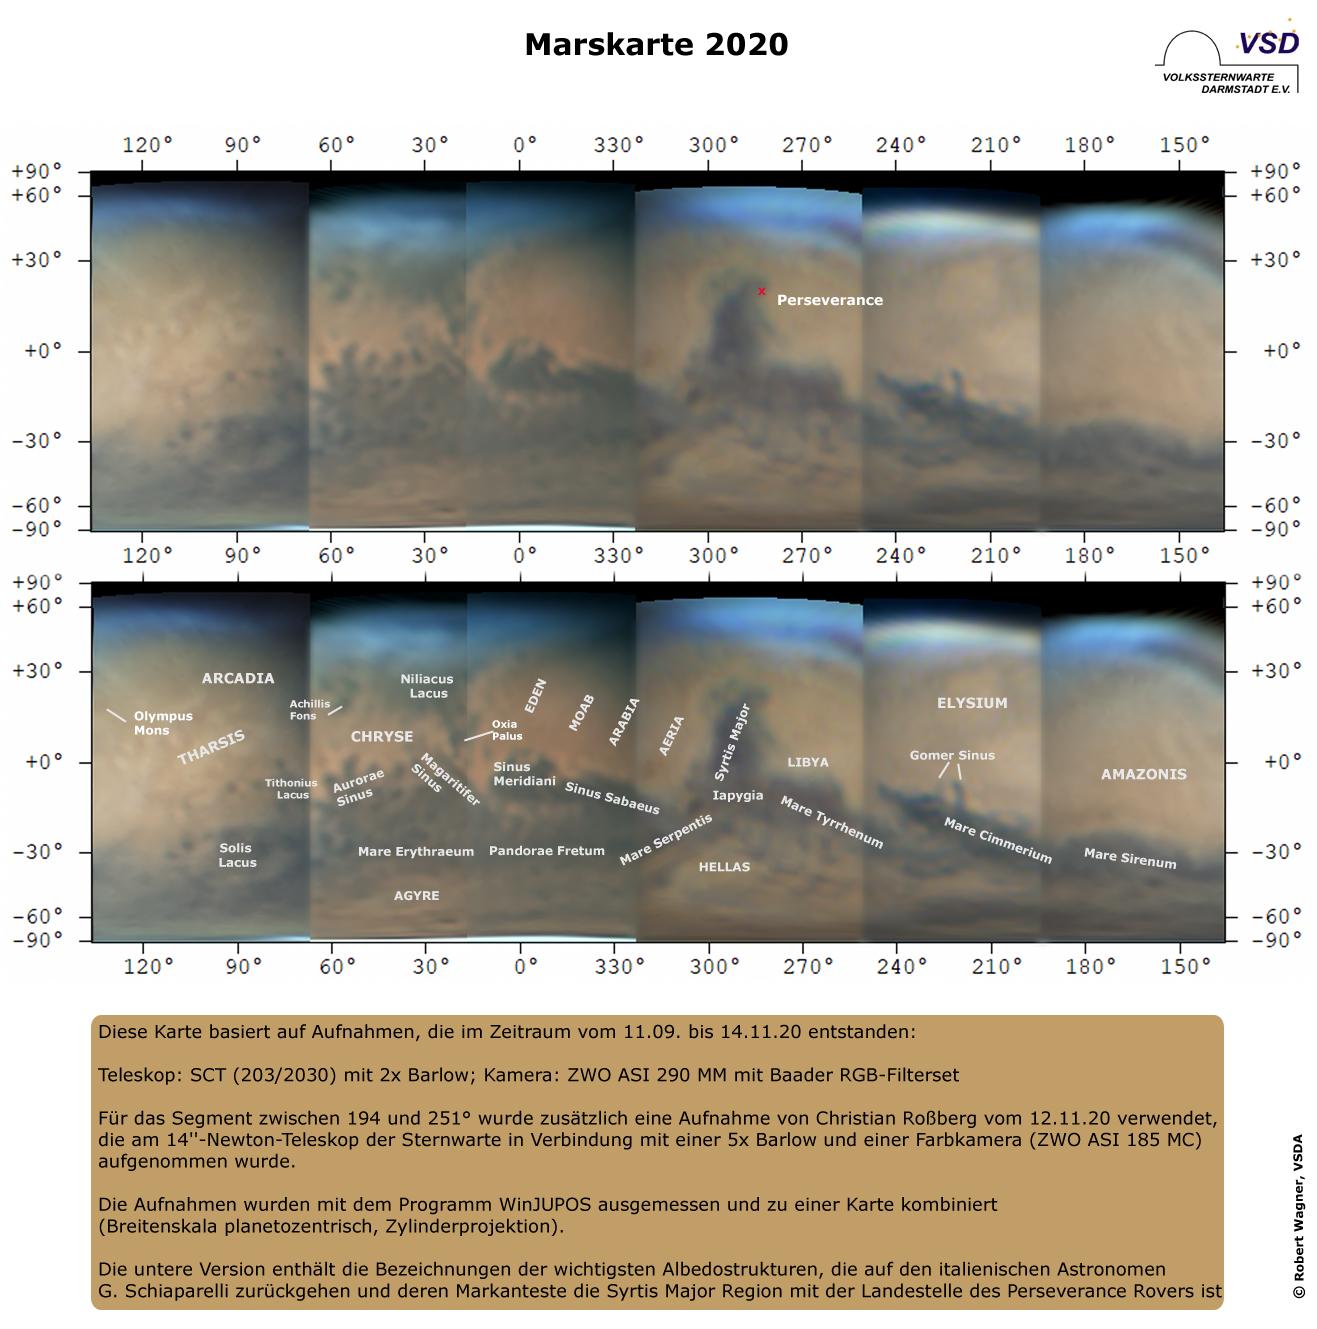 Marskarte 2020